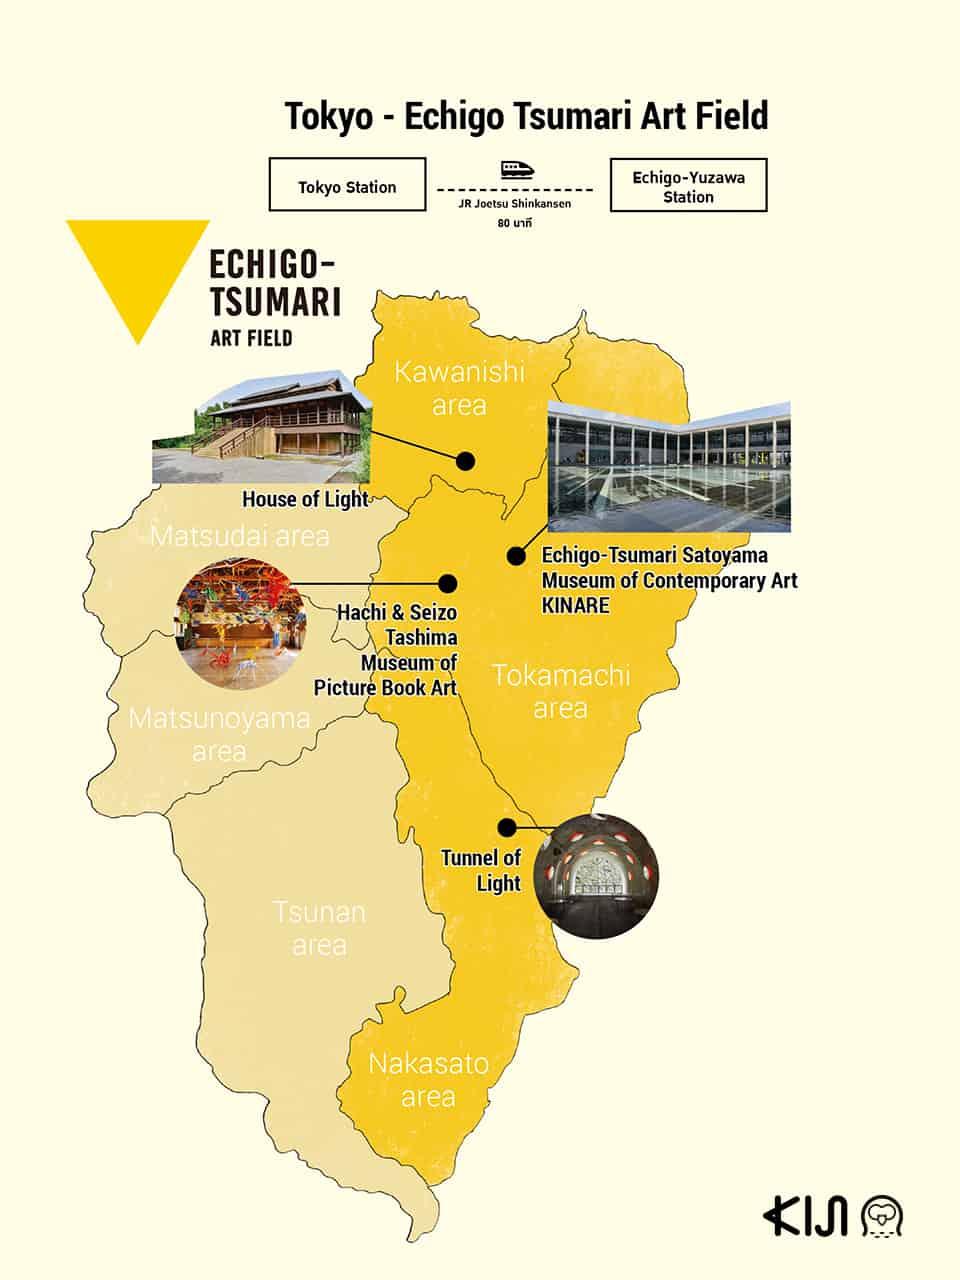 Echigo-Tsumari Art Field map